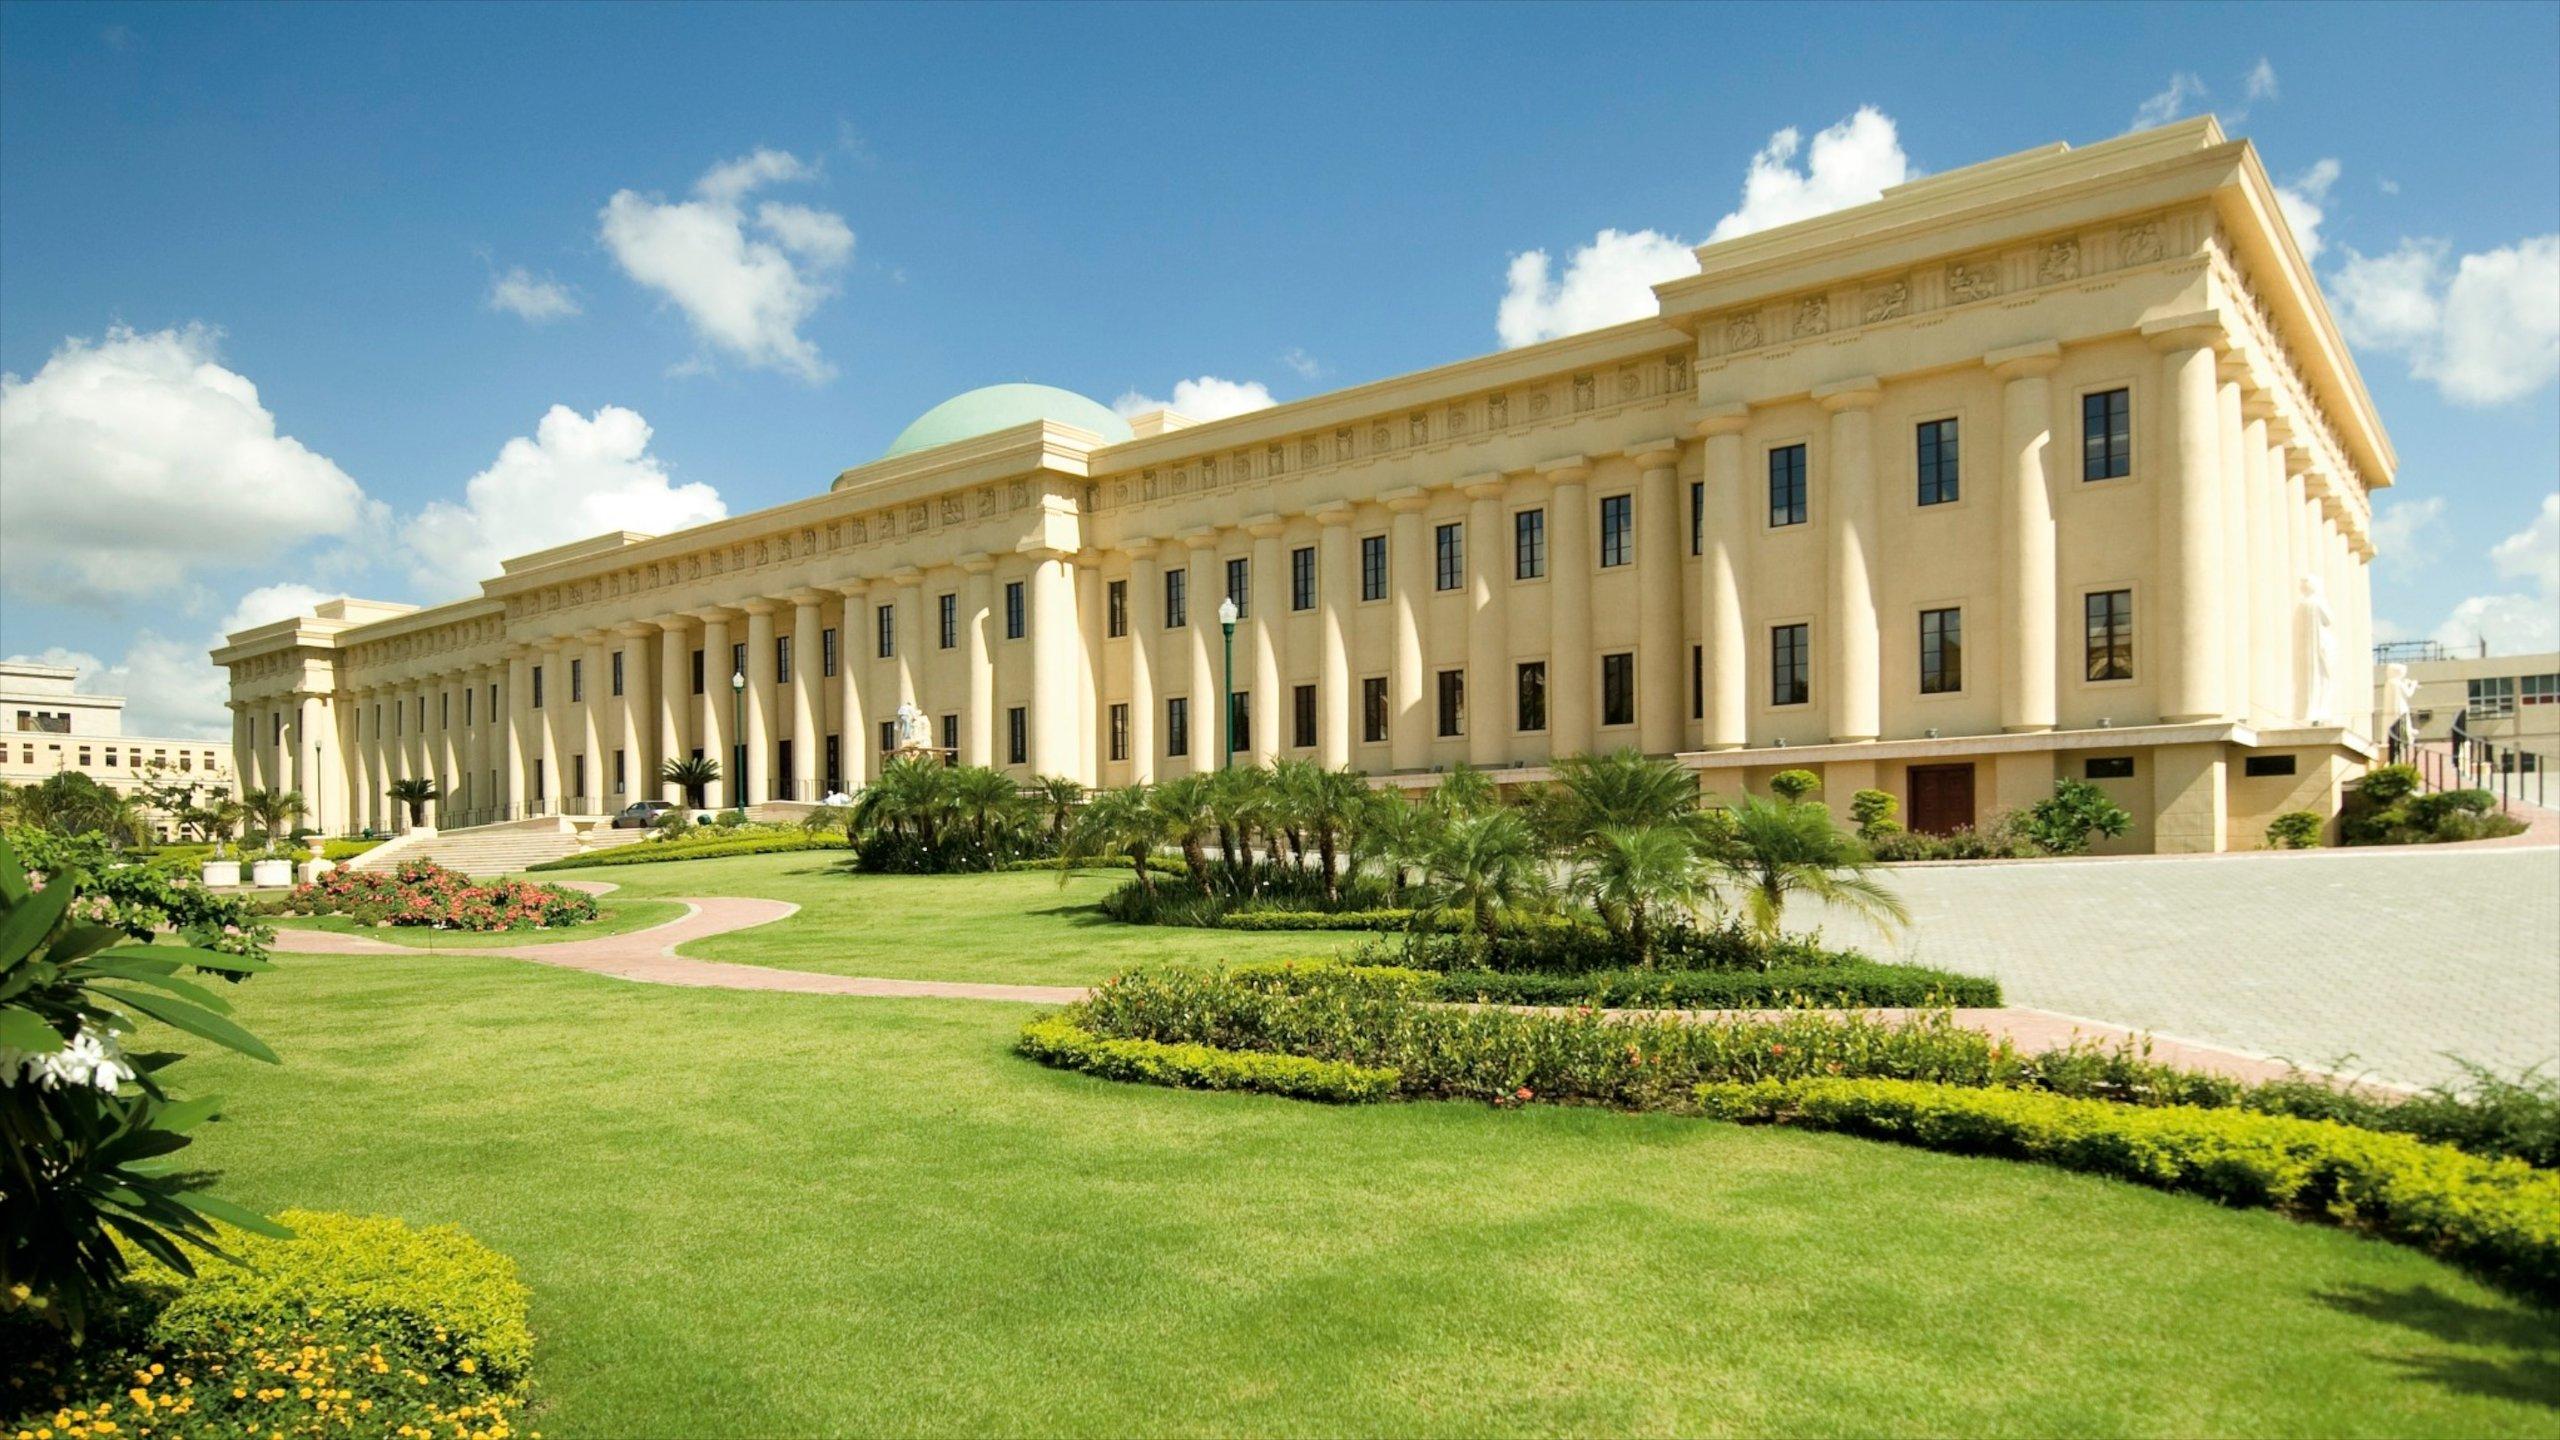 Paleis voor beeldende kunst, Santo Domingo, Distrito Nacional, Dominicaanse Republiek